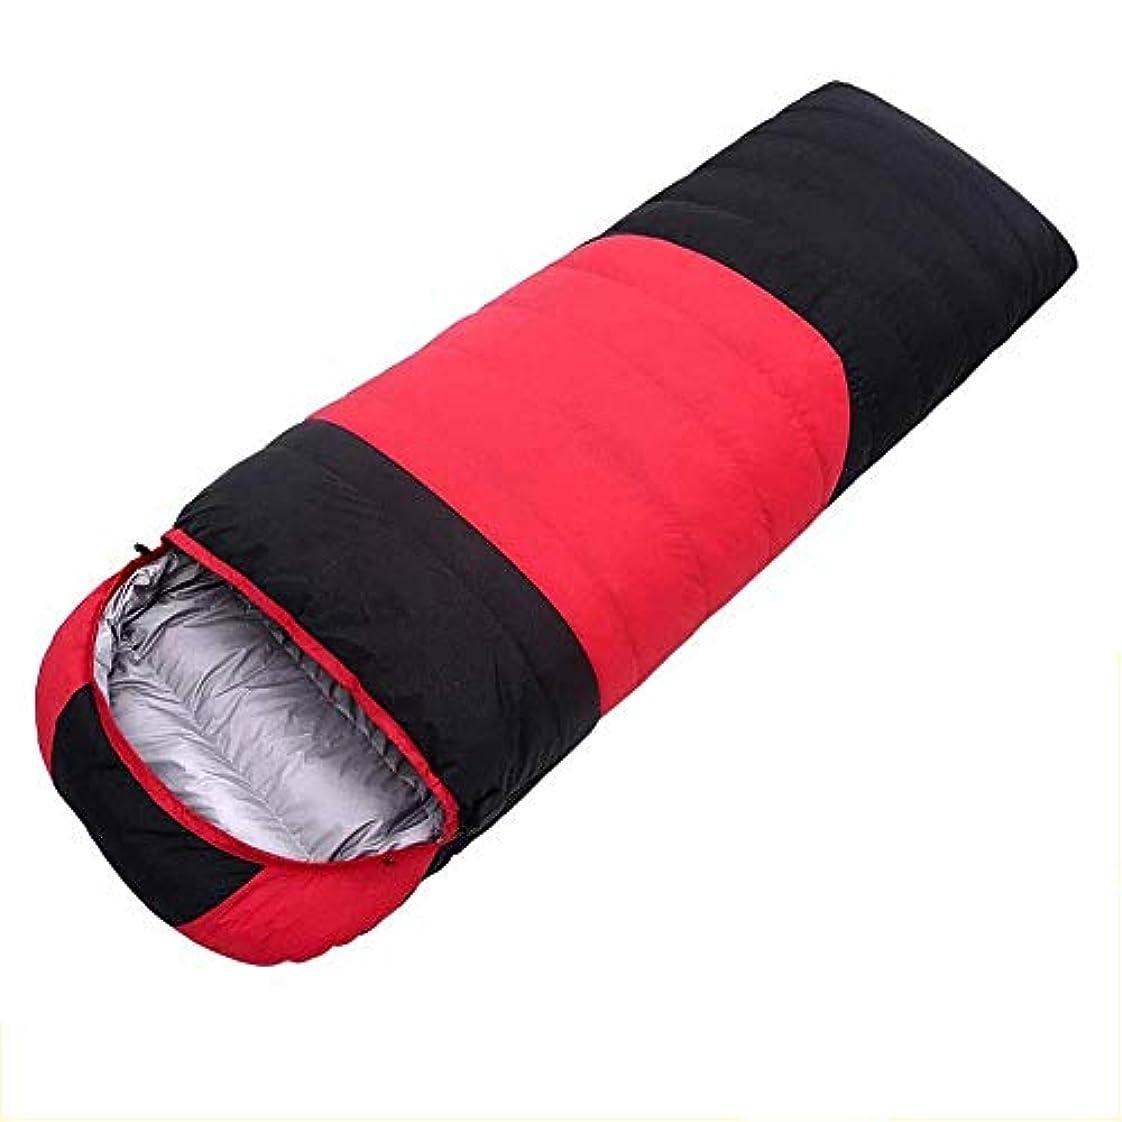 落ちたスプーン虫キャンプ用寝袋 - 3シーズン暖かく涼しい大人のための軽量防水、キャンプ用品、旅行、アウトドア